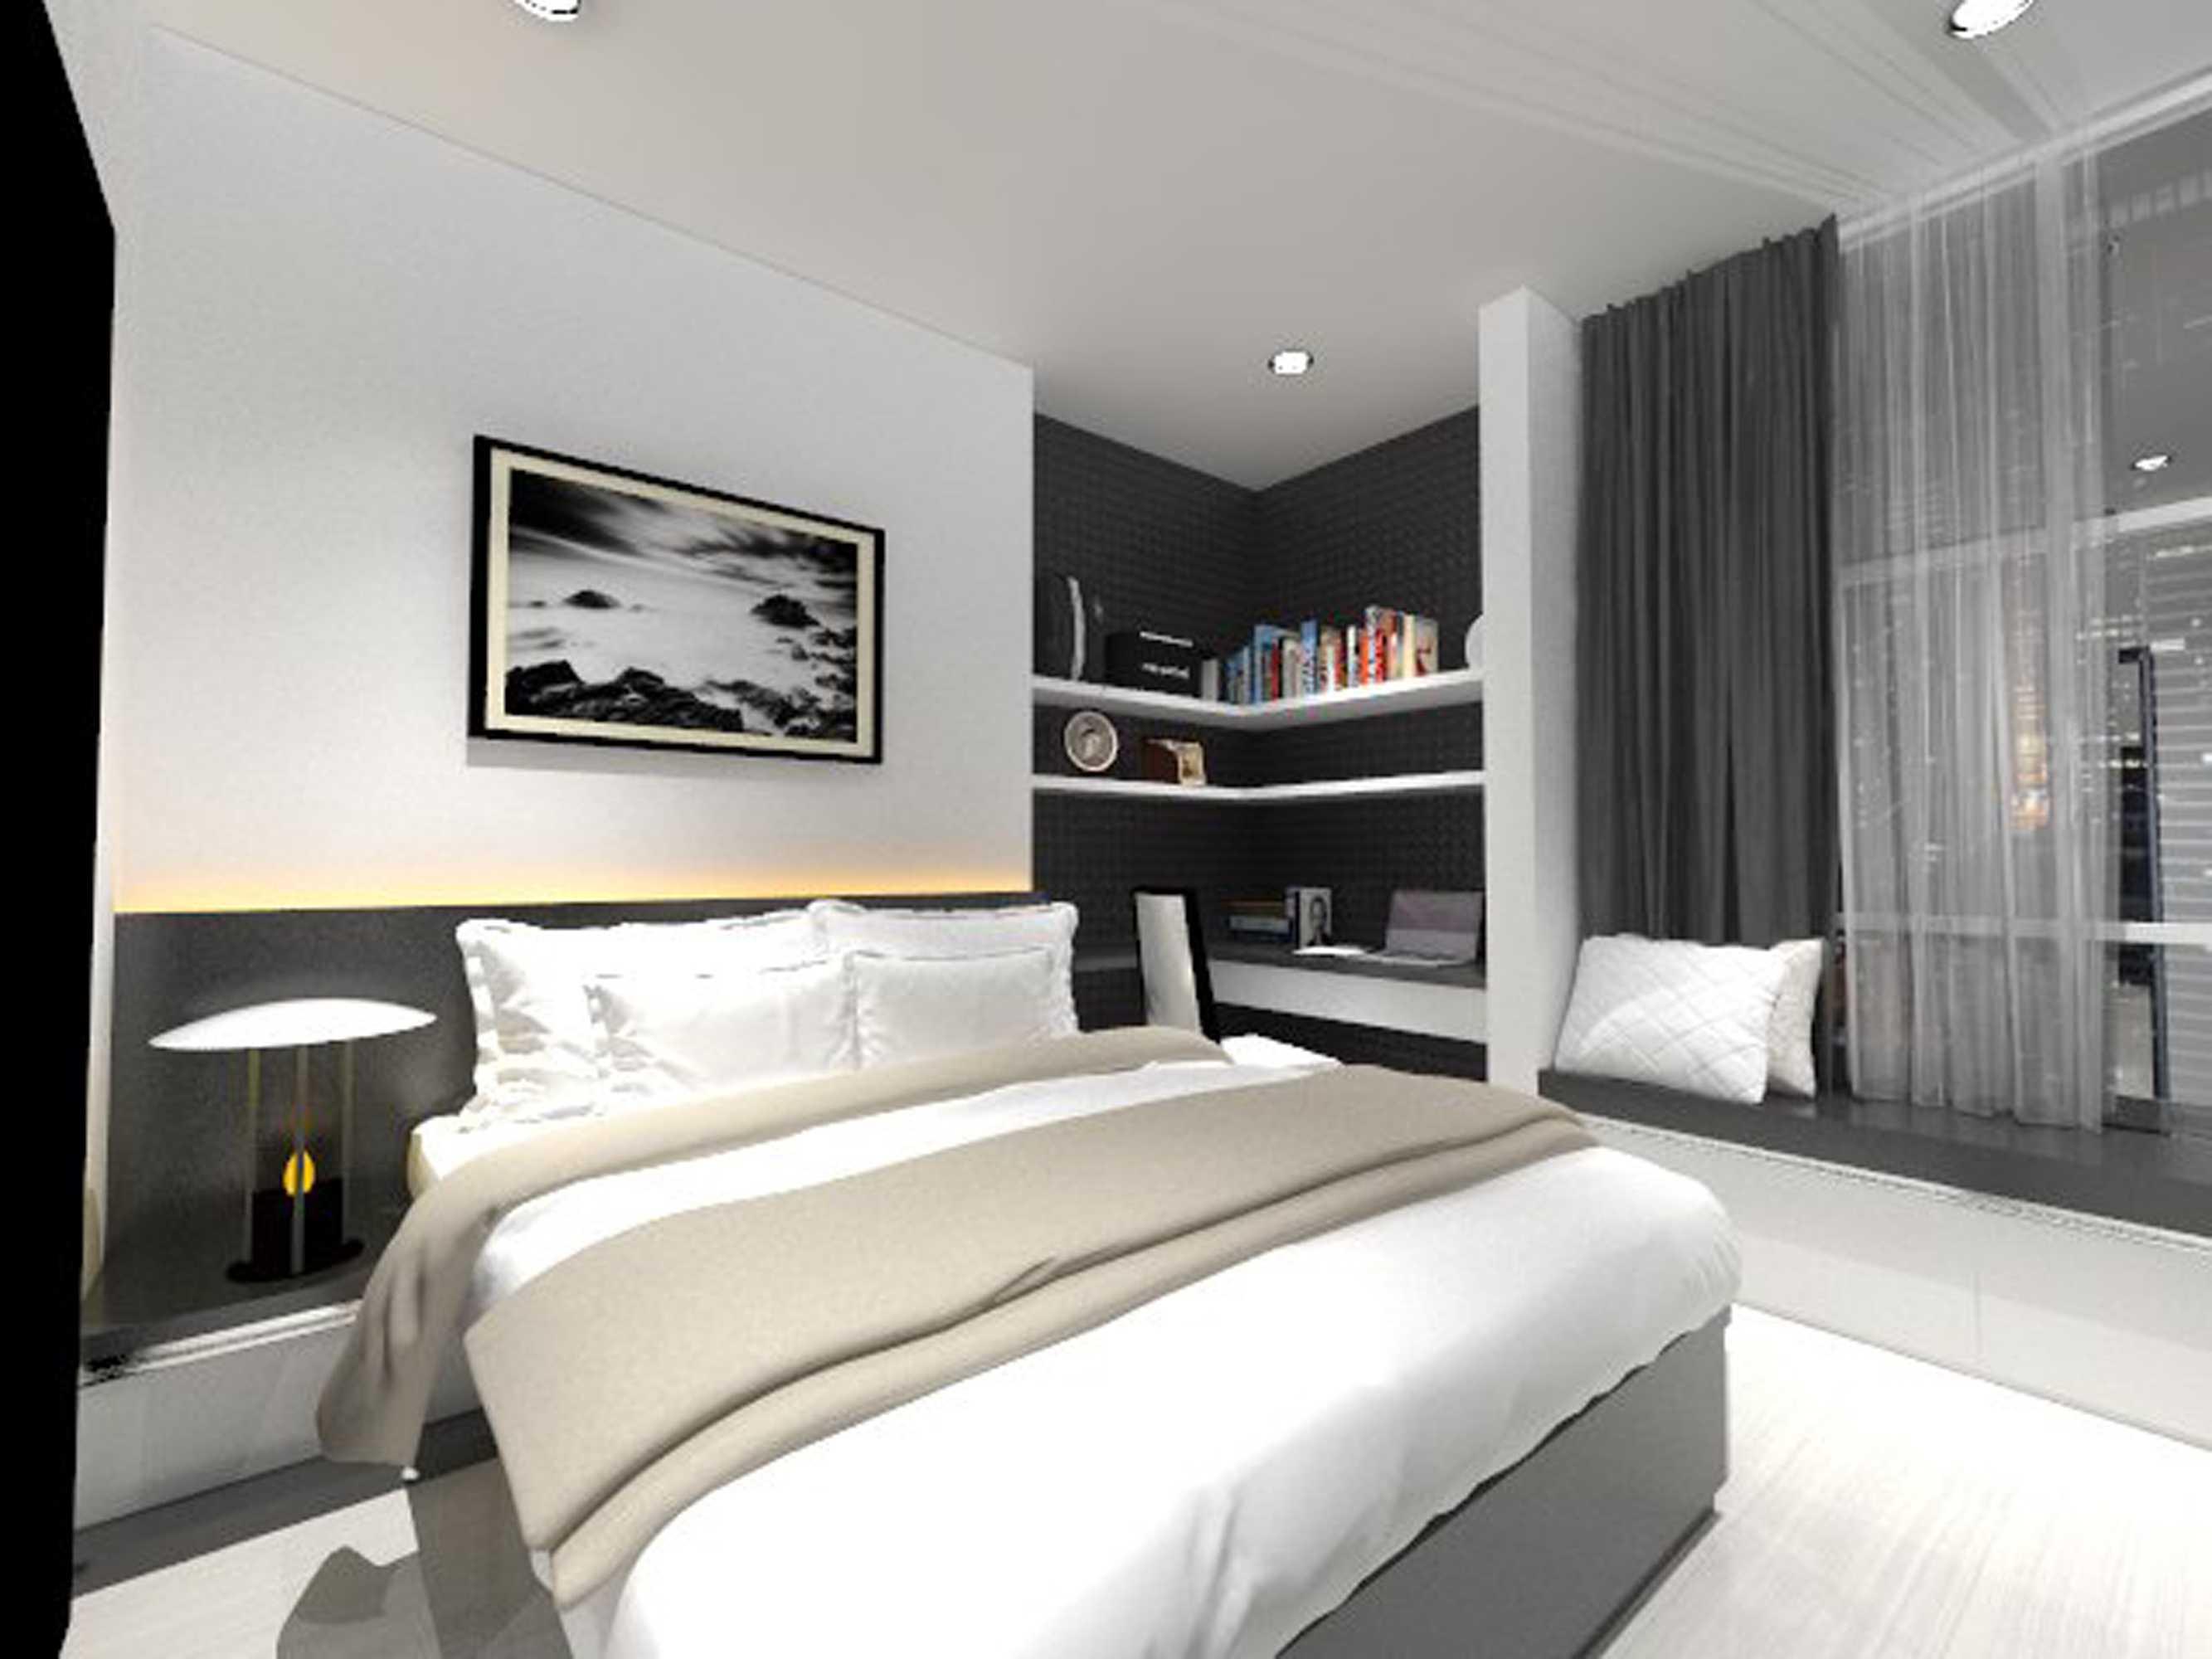 Andreyas Apartment 2 Bedroom Asia Afrika Apartment Asia Afrika Apartment Apartment-Asia-Afrika-Bedroom-1   23403